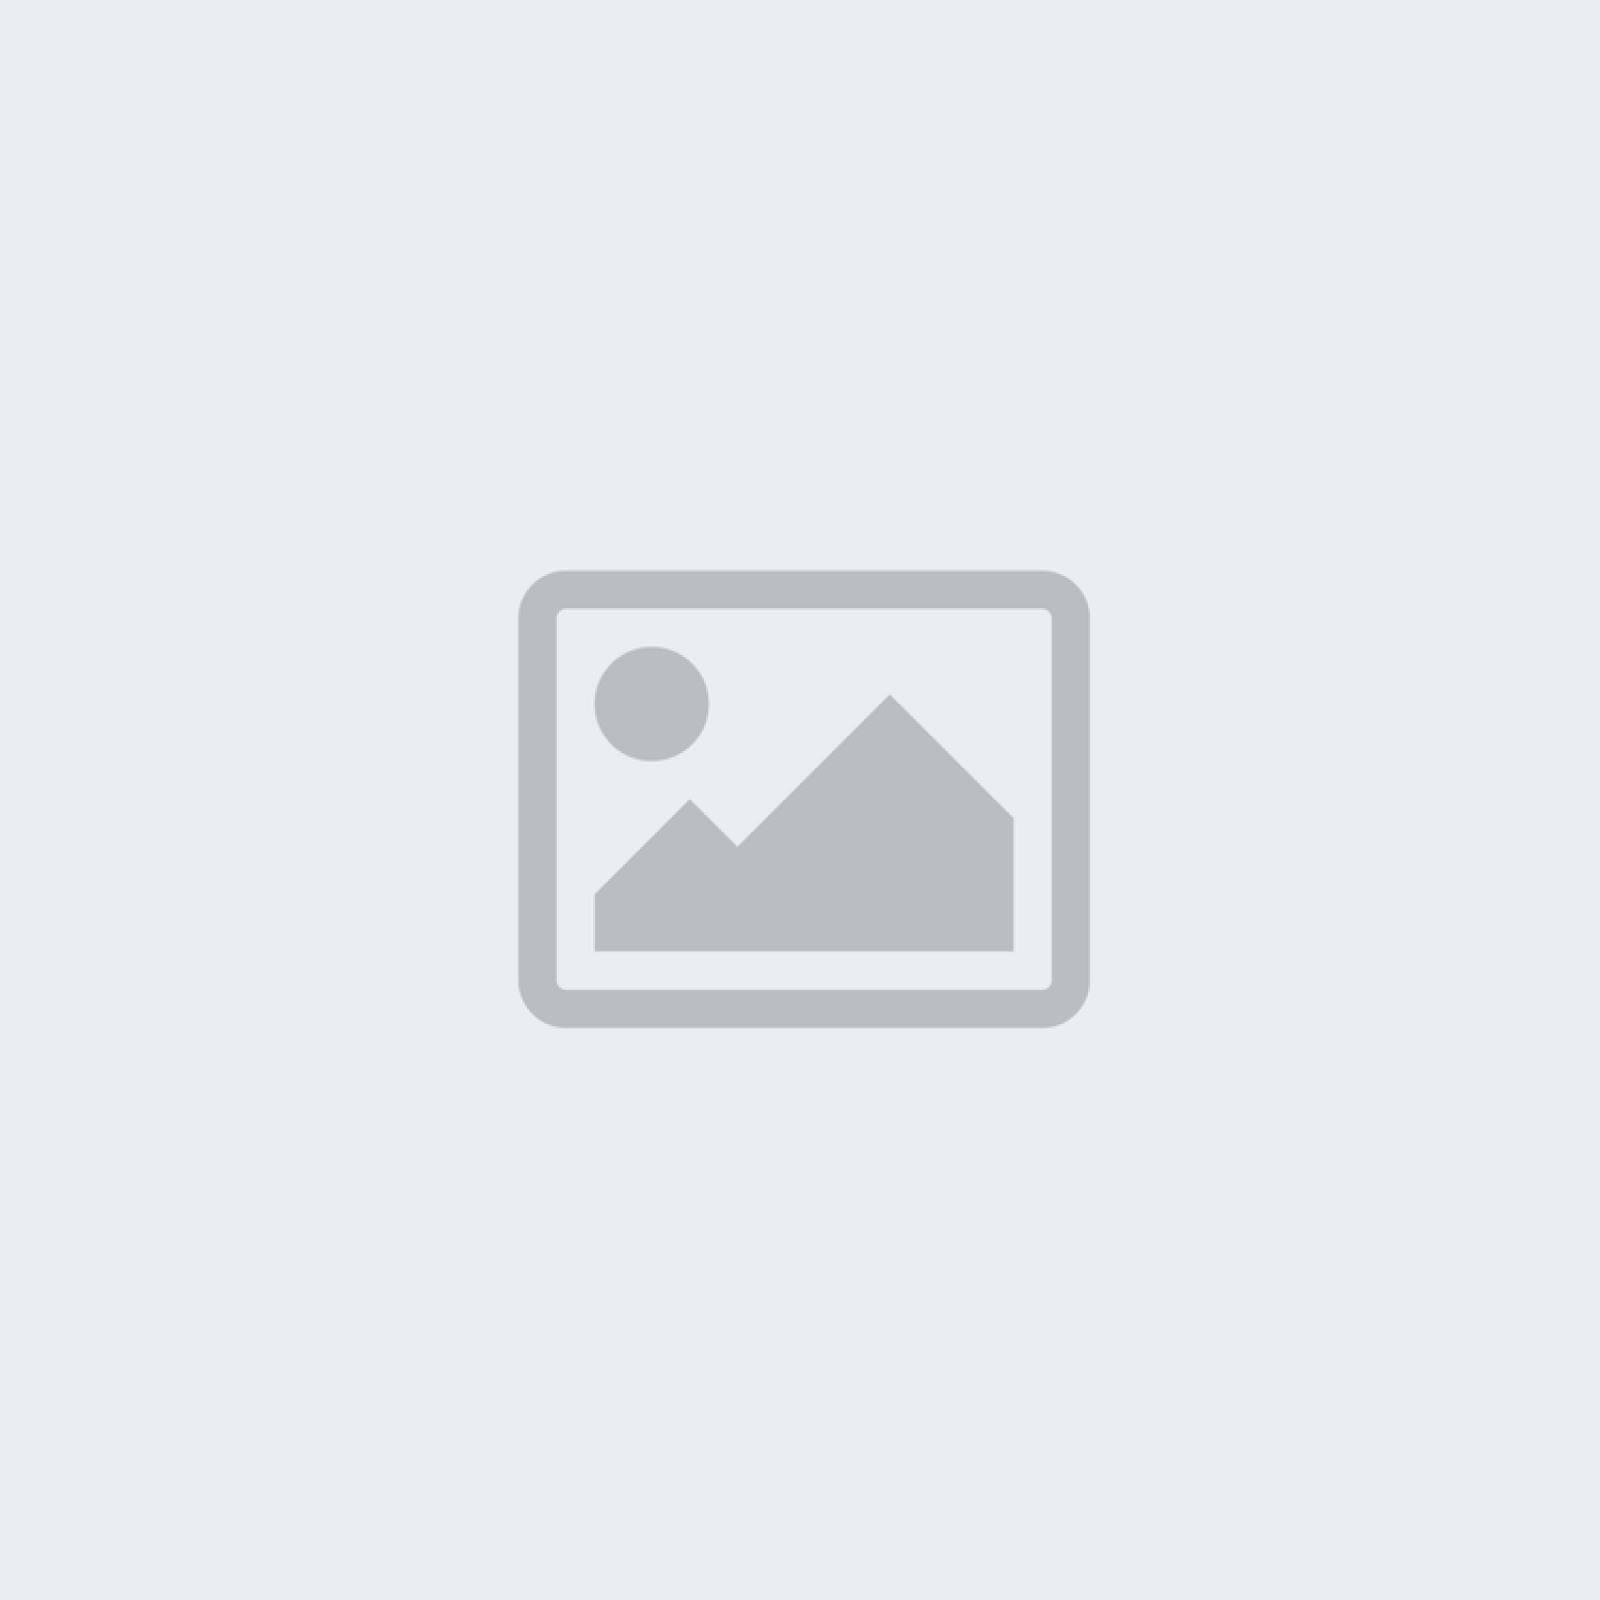 Персик харнас: описание сорта, преимущества, сроки, схема и правила посадки, особенности агротехники, отзывы и рекомендации по культивированию